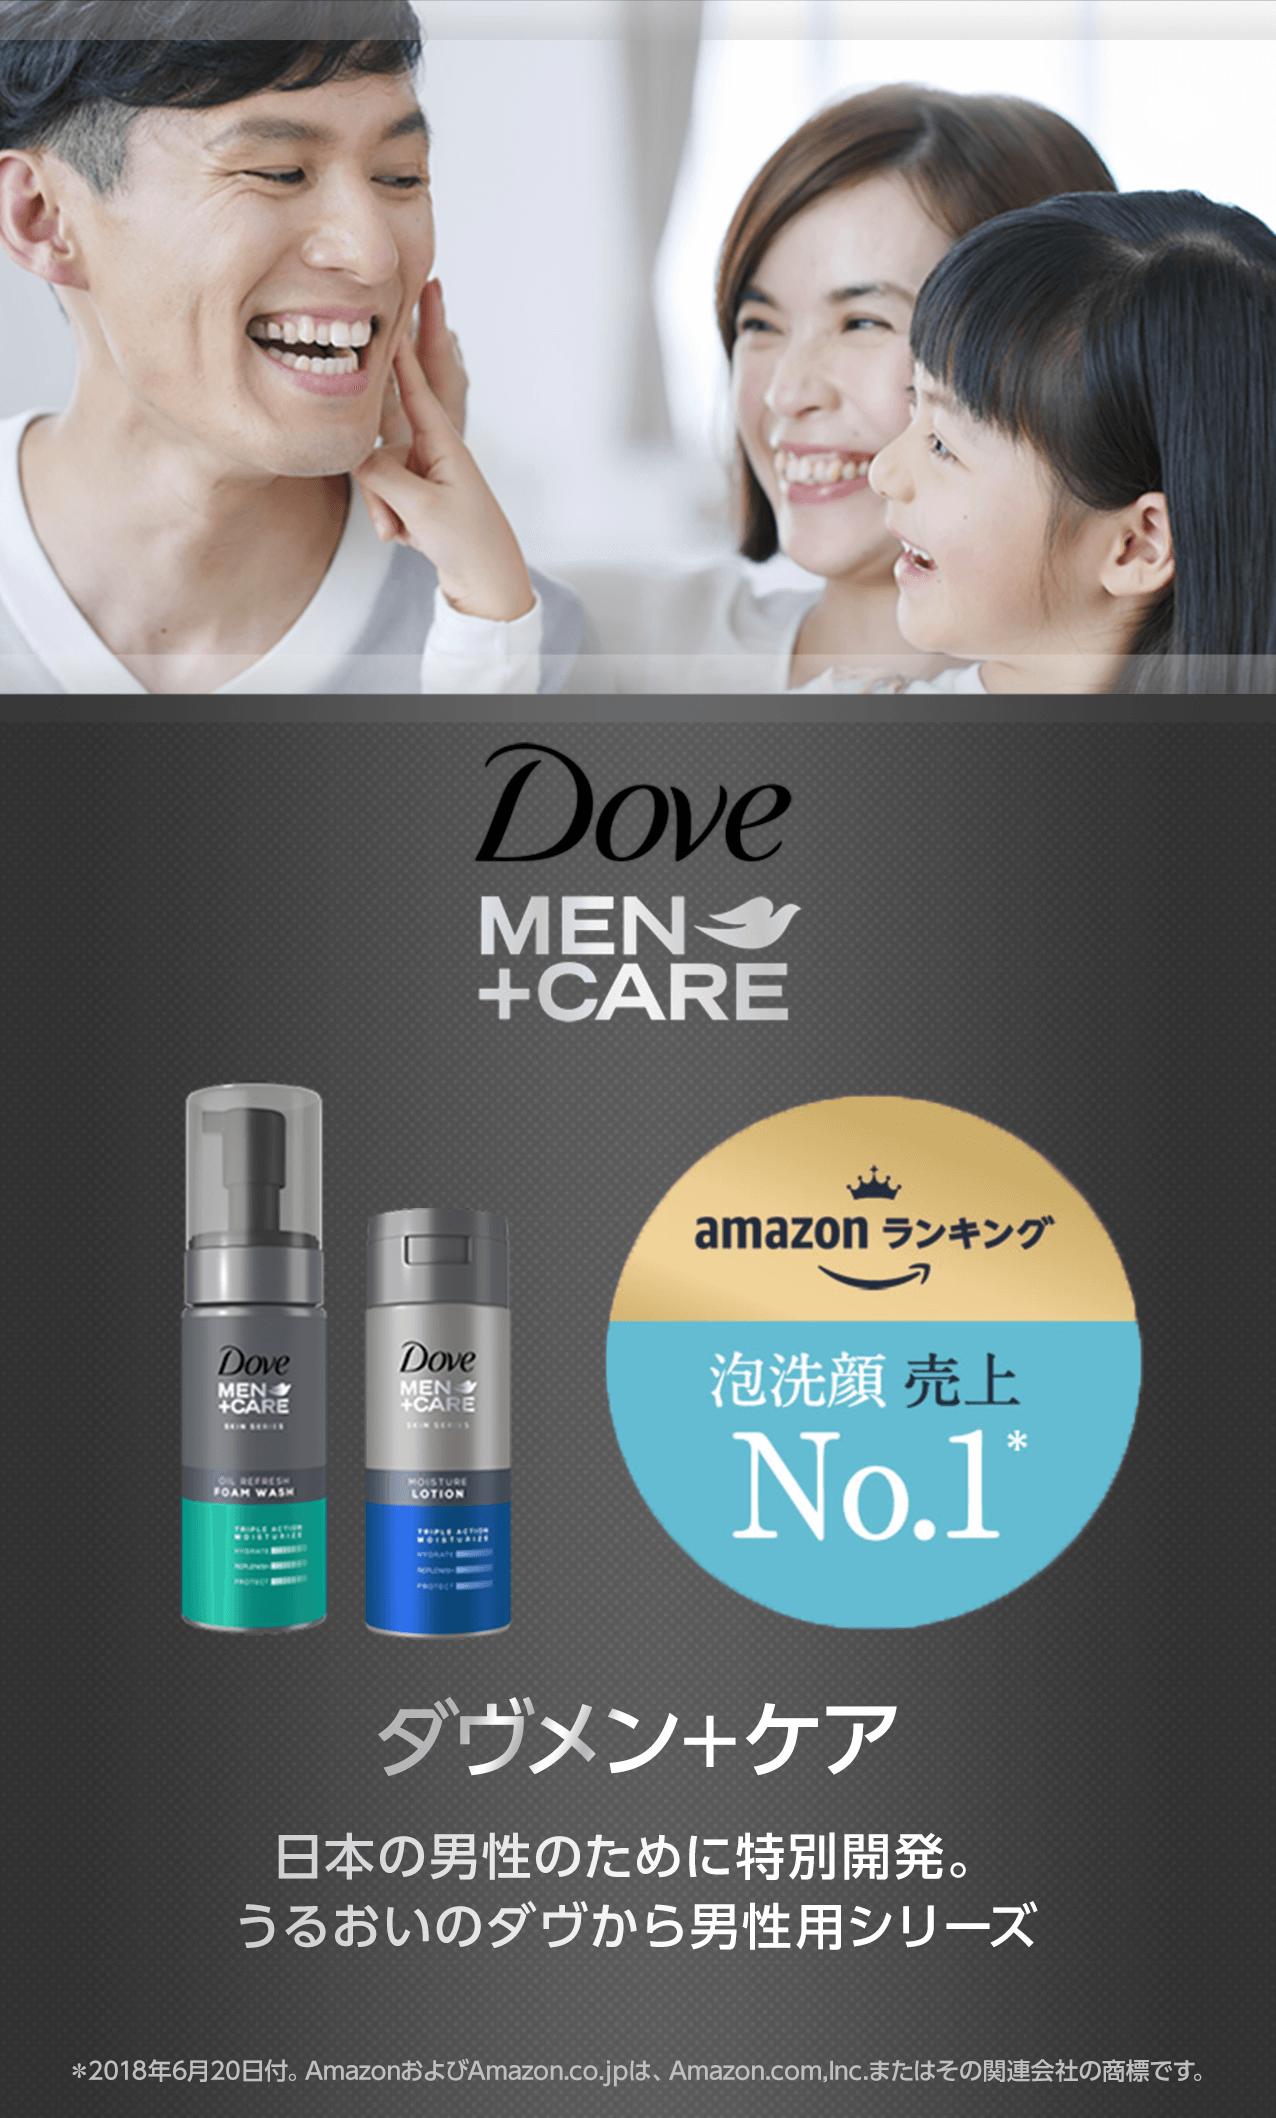 ダヴメン+ケア 日本の男性のために特別開発。うるおいのダヴから男性用シリーズ